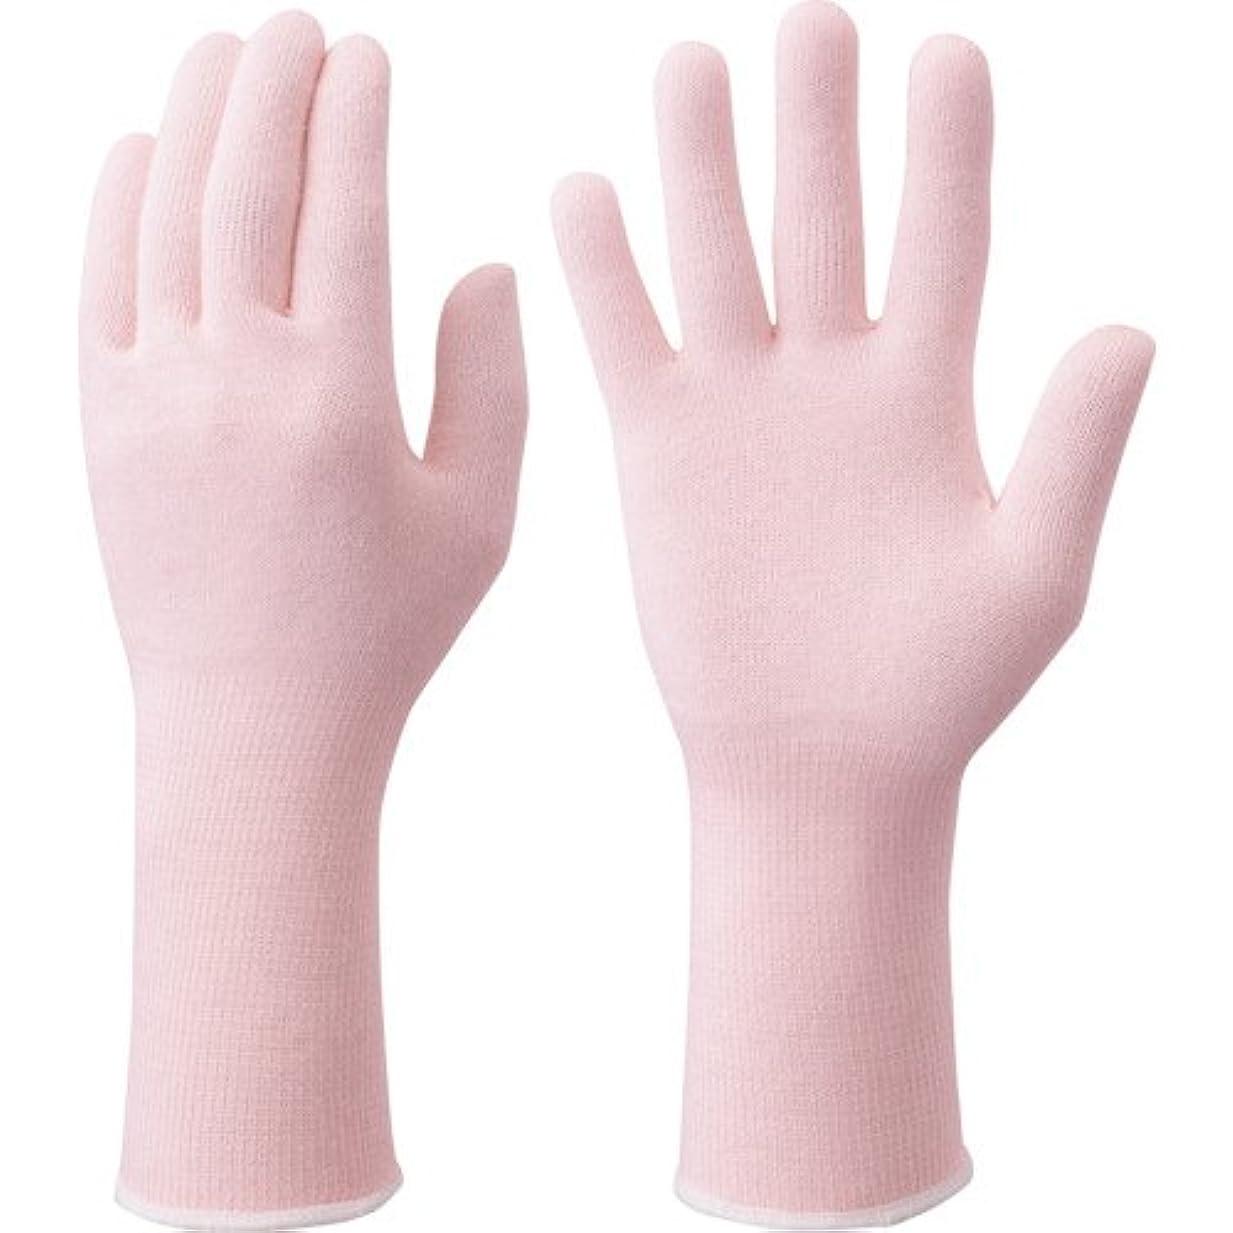 驚いたことにカレンダー海外で手肌をいたわる手袋フリーピンク